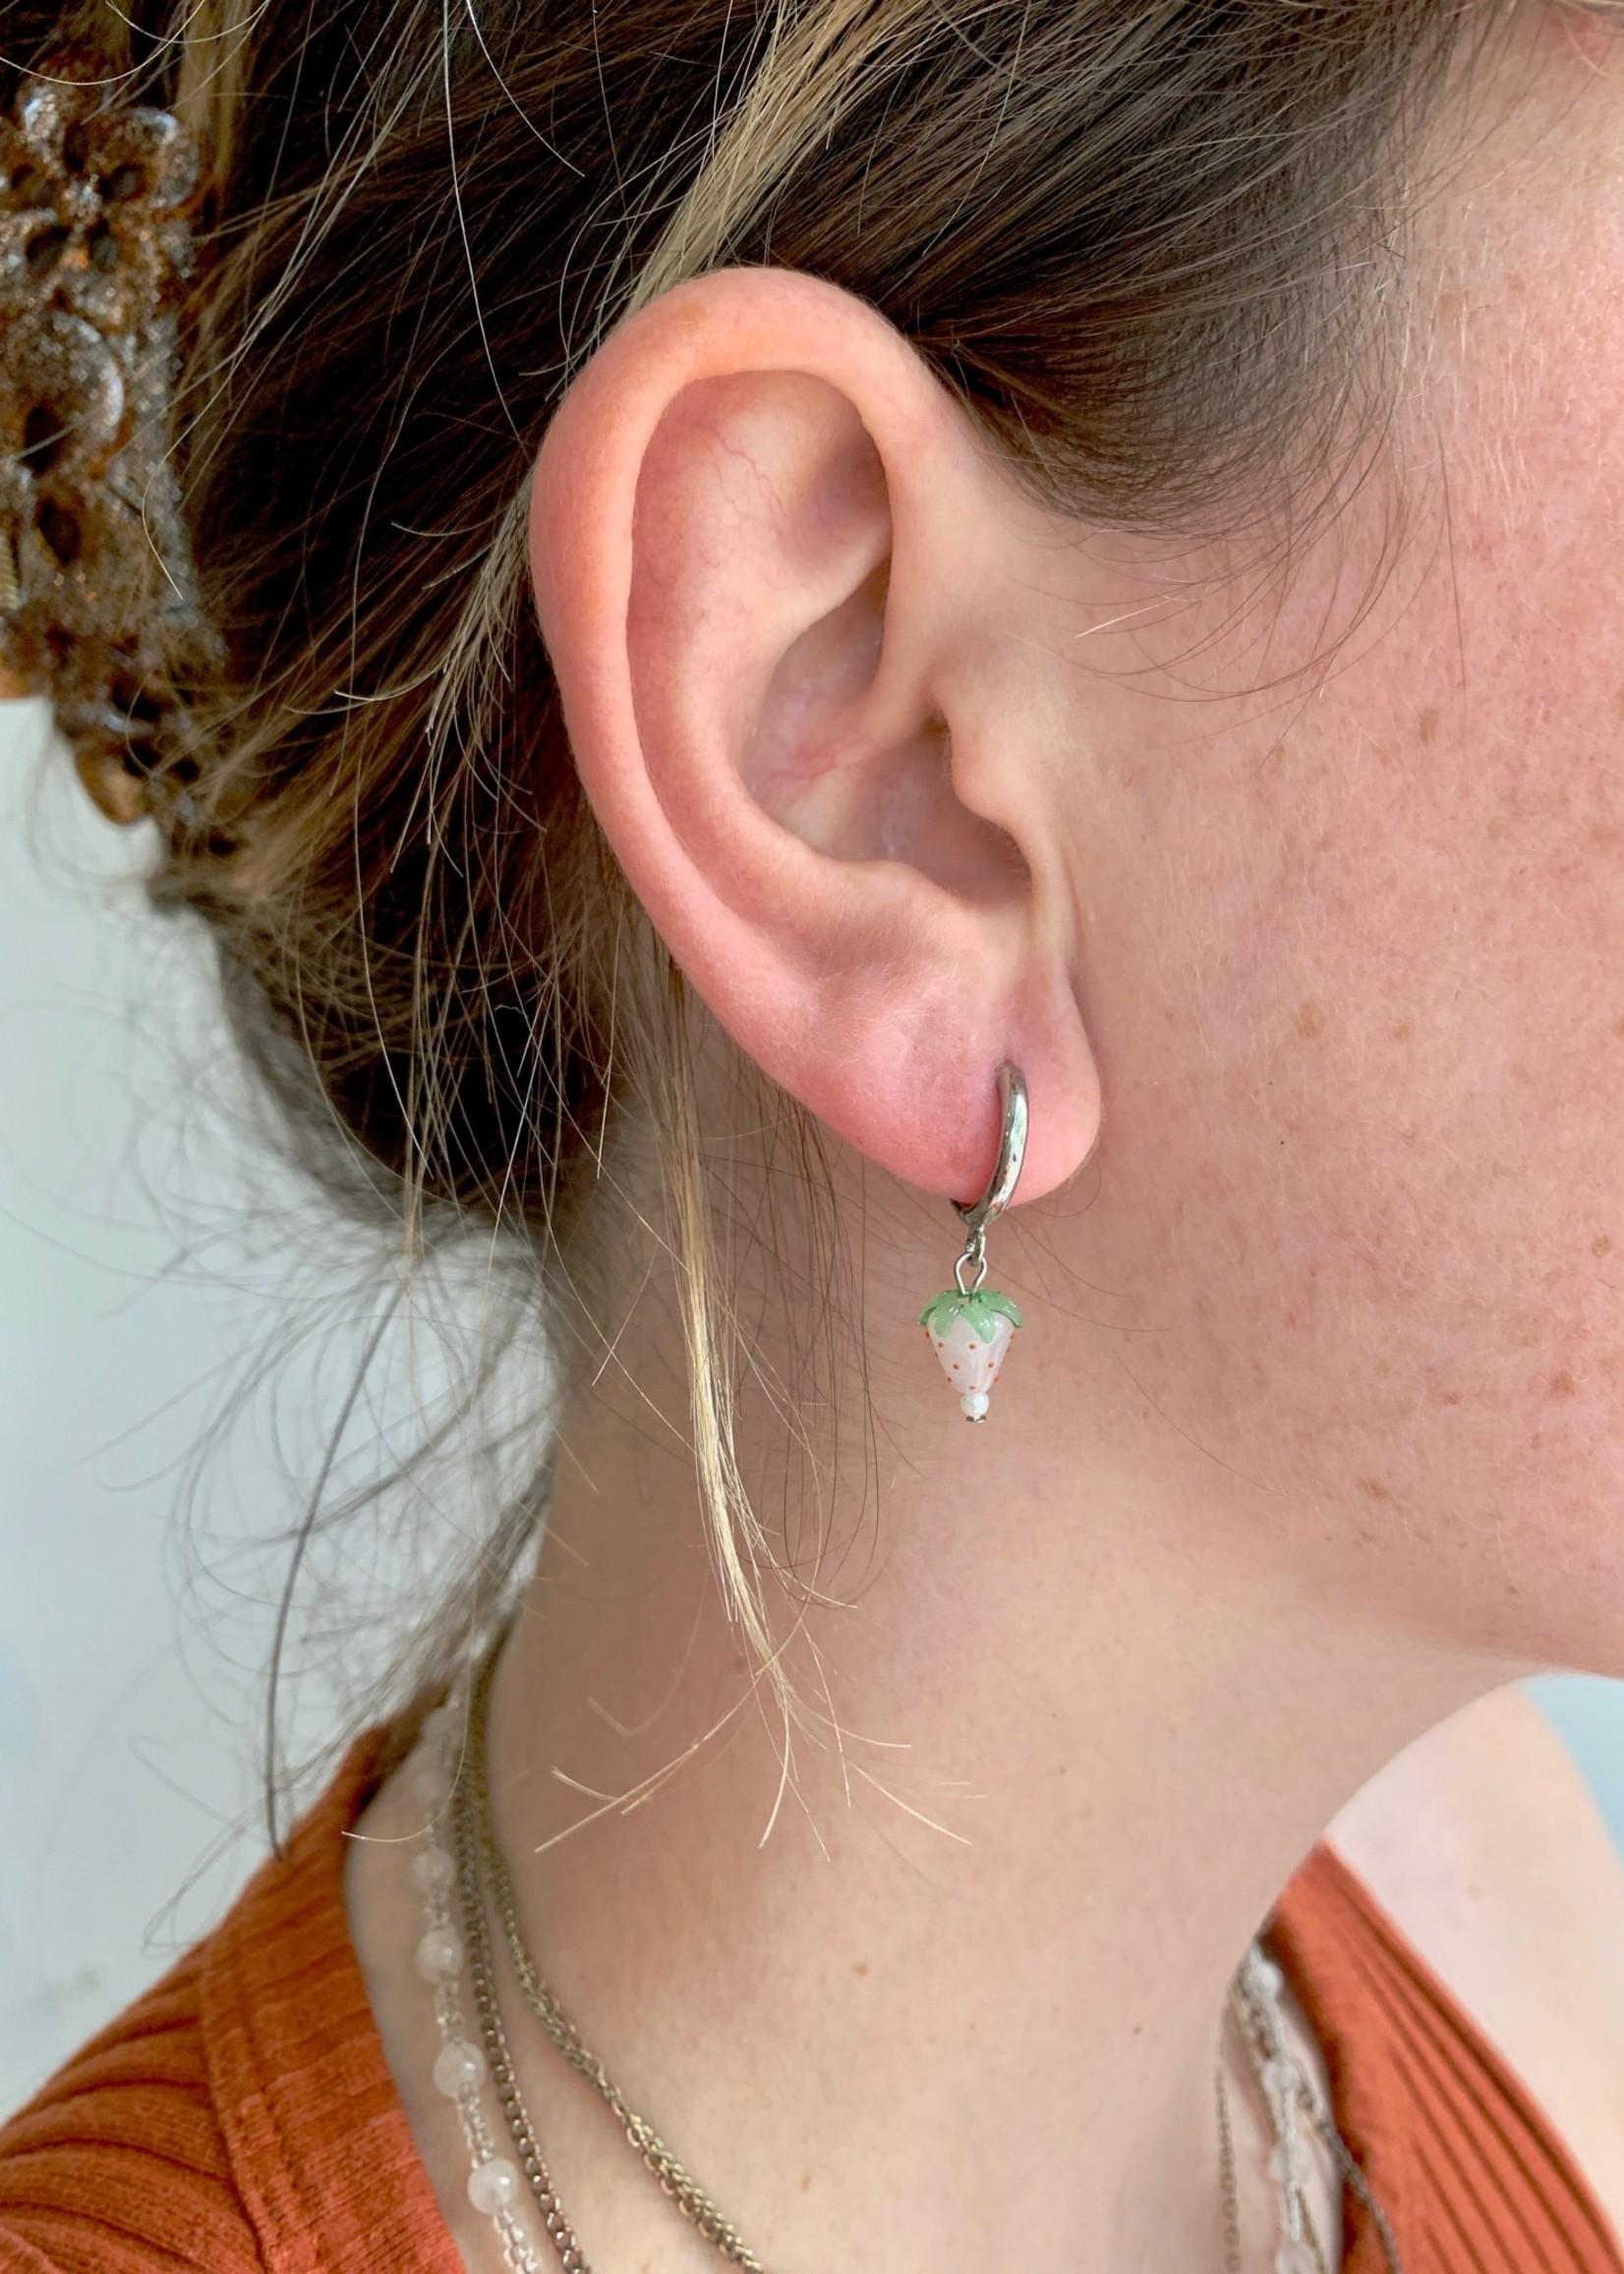 Emri Studio Boucles d'oreilles anneaux en fruits par EMRI Studio